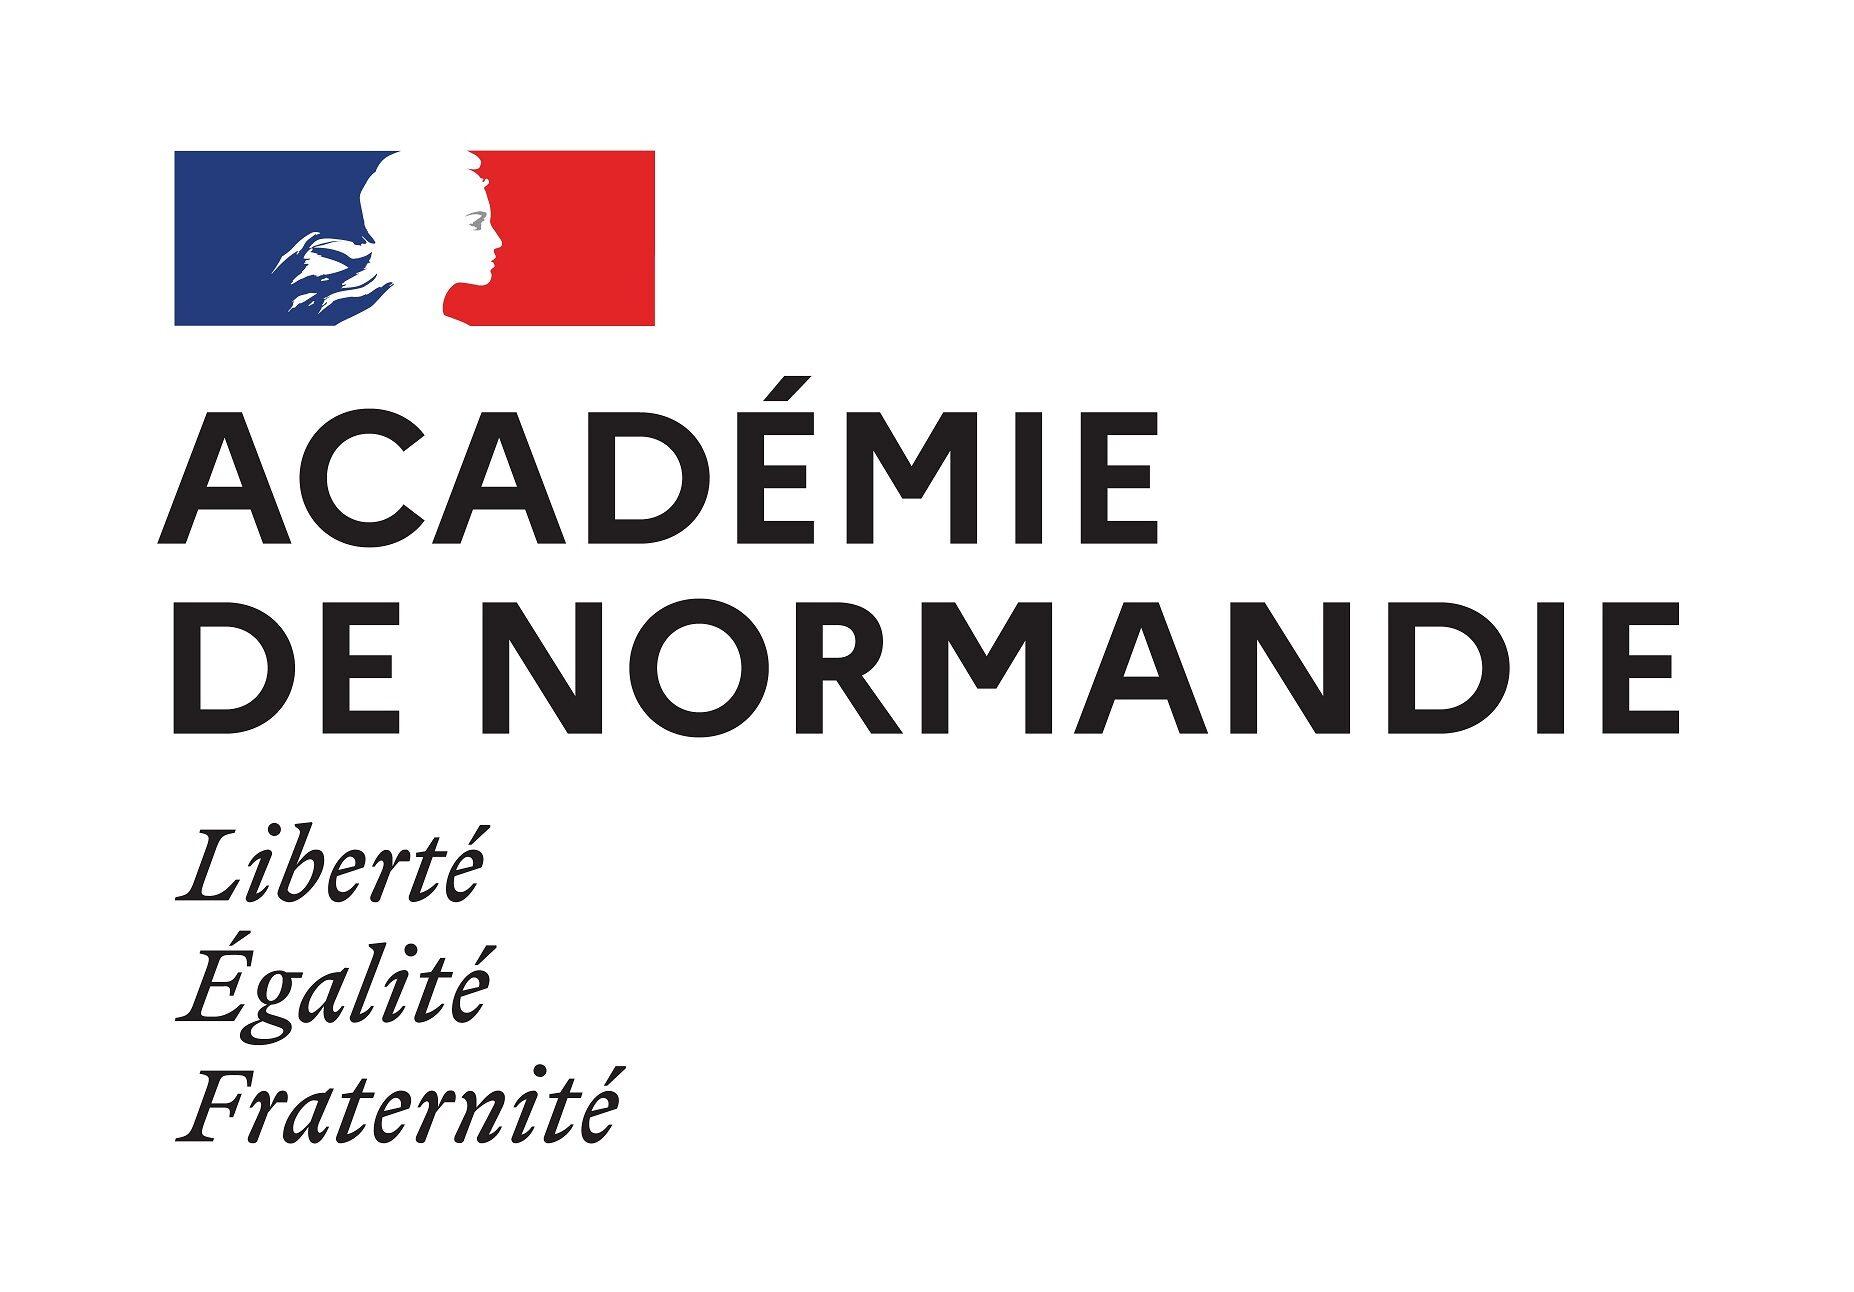 logo-acad-mie-de-normandie-14696.jpg